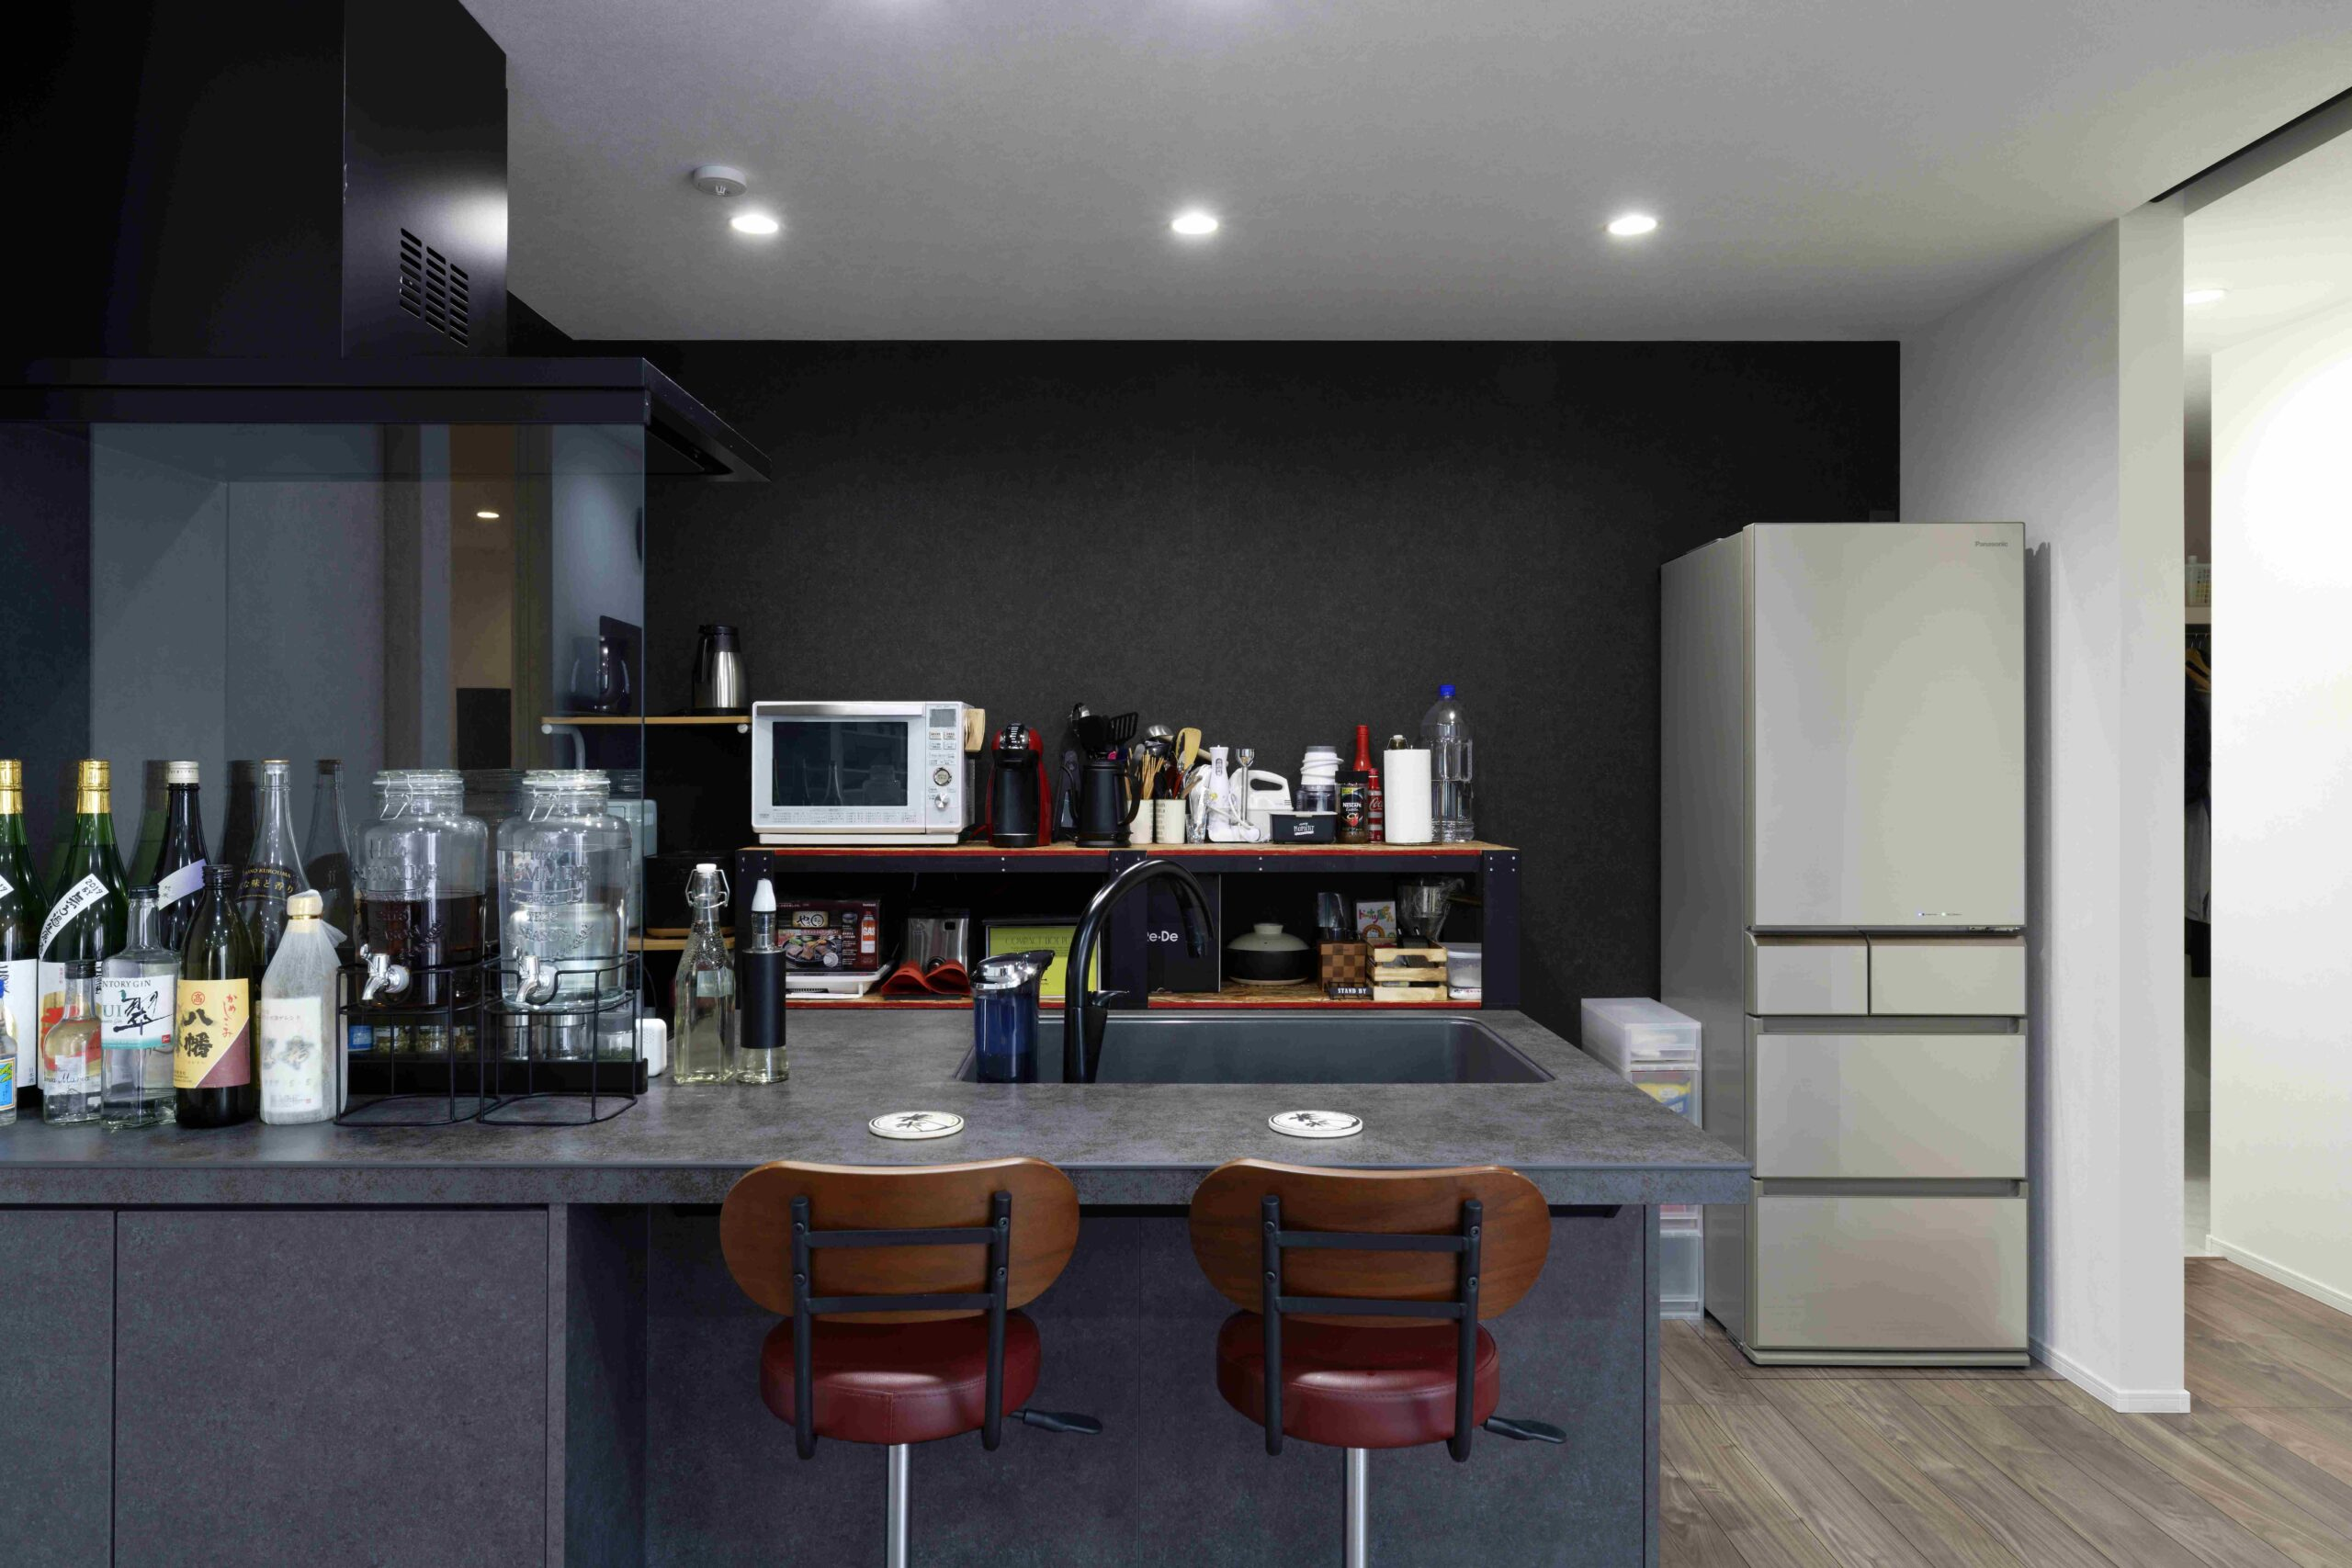 腰壁がないペニンシュラ型のキッチン。お部屋の雰囲気に合わせて黒をご採用。